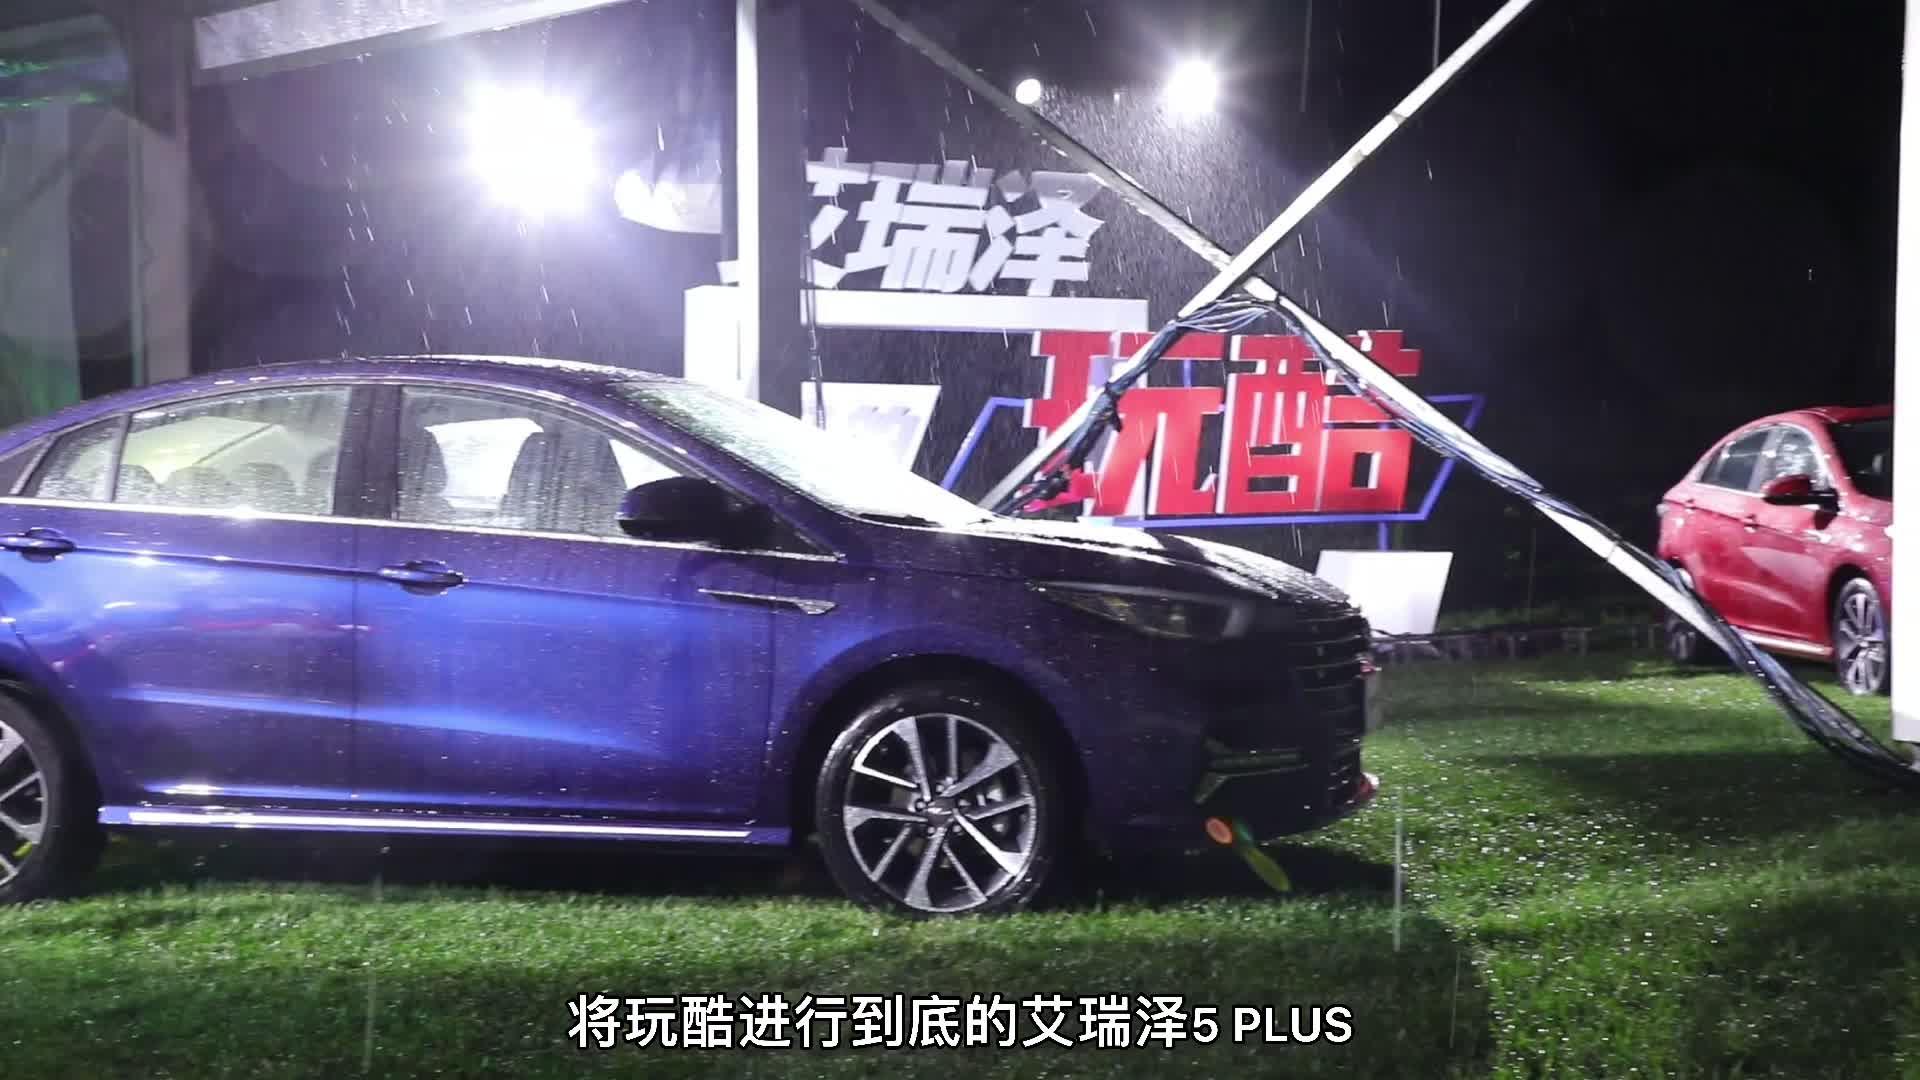 """视频:一款能玩""""颜值共创""""的新车!艾瑞泽5 PLUS重新定义潮样青春"""